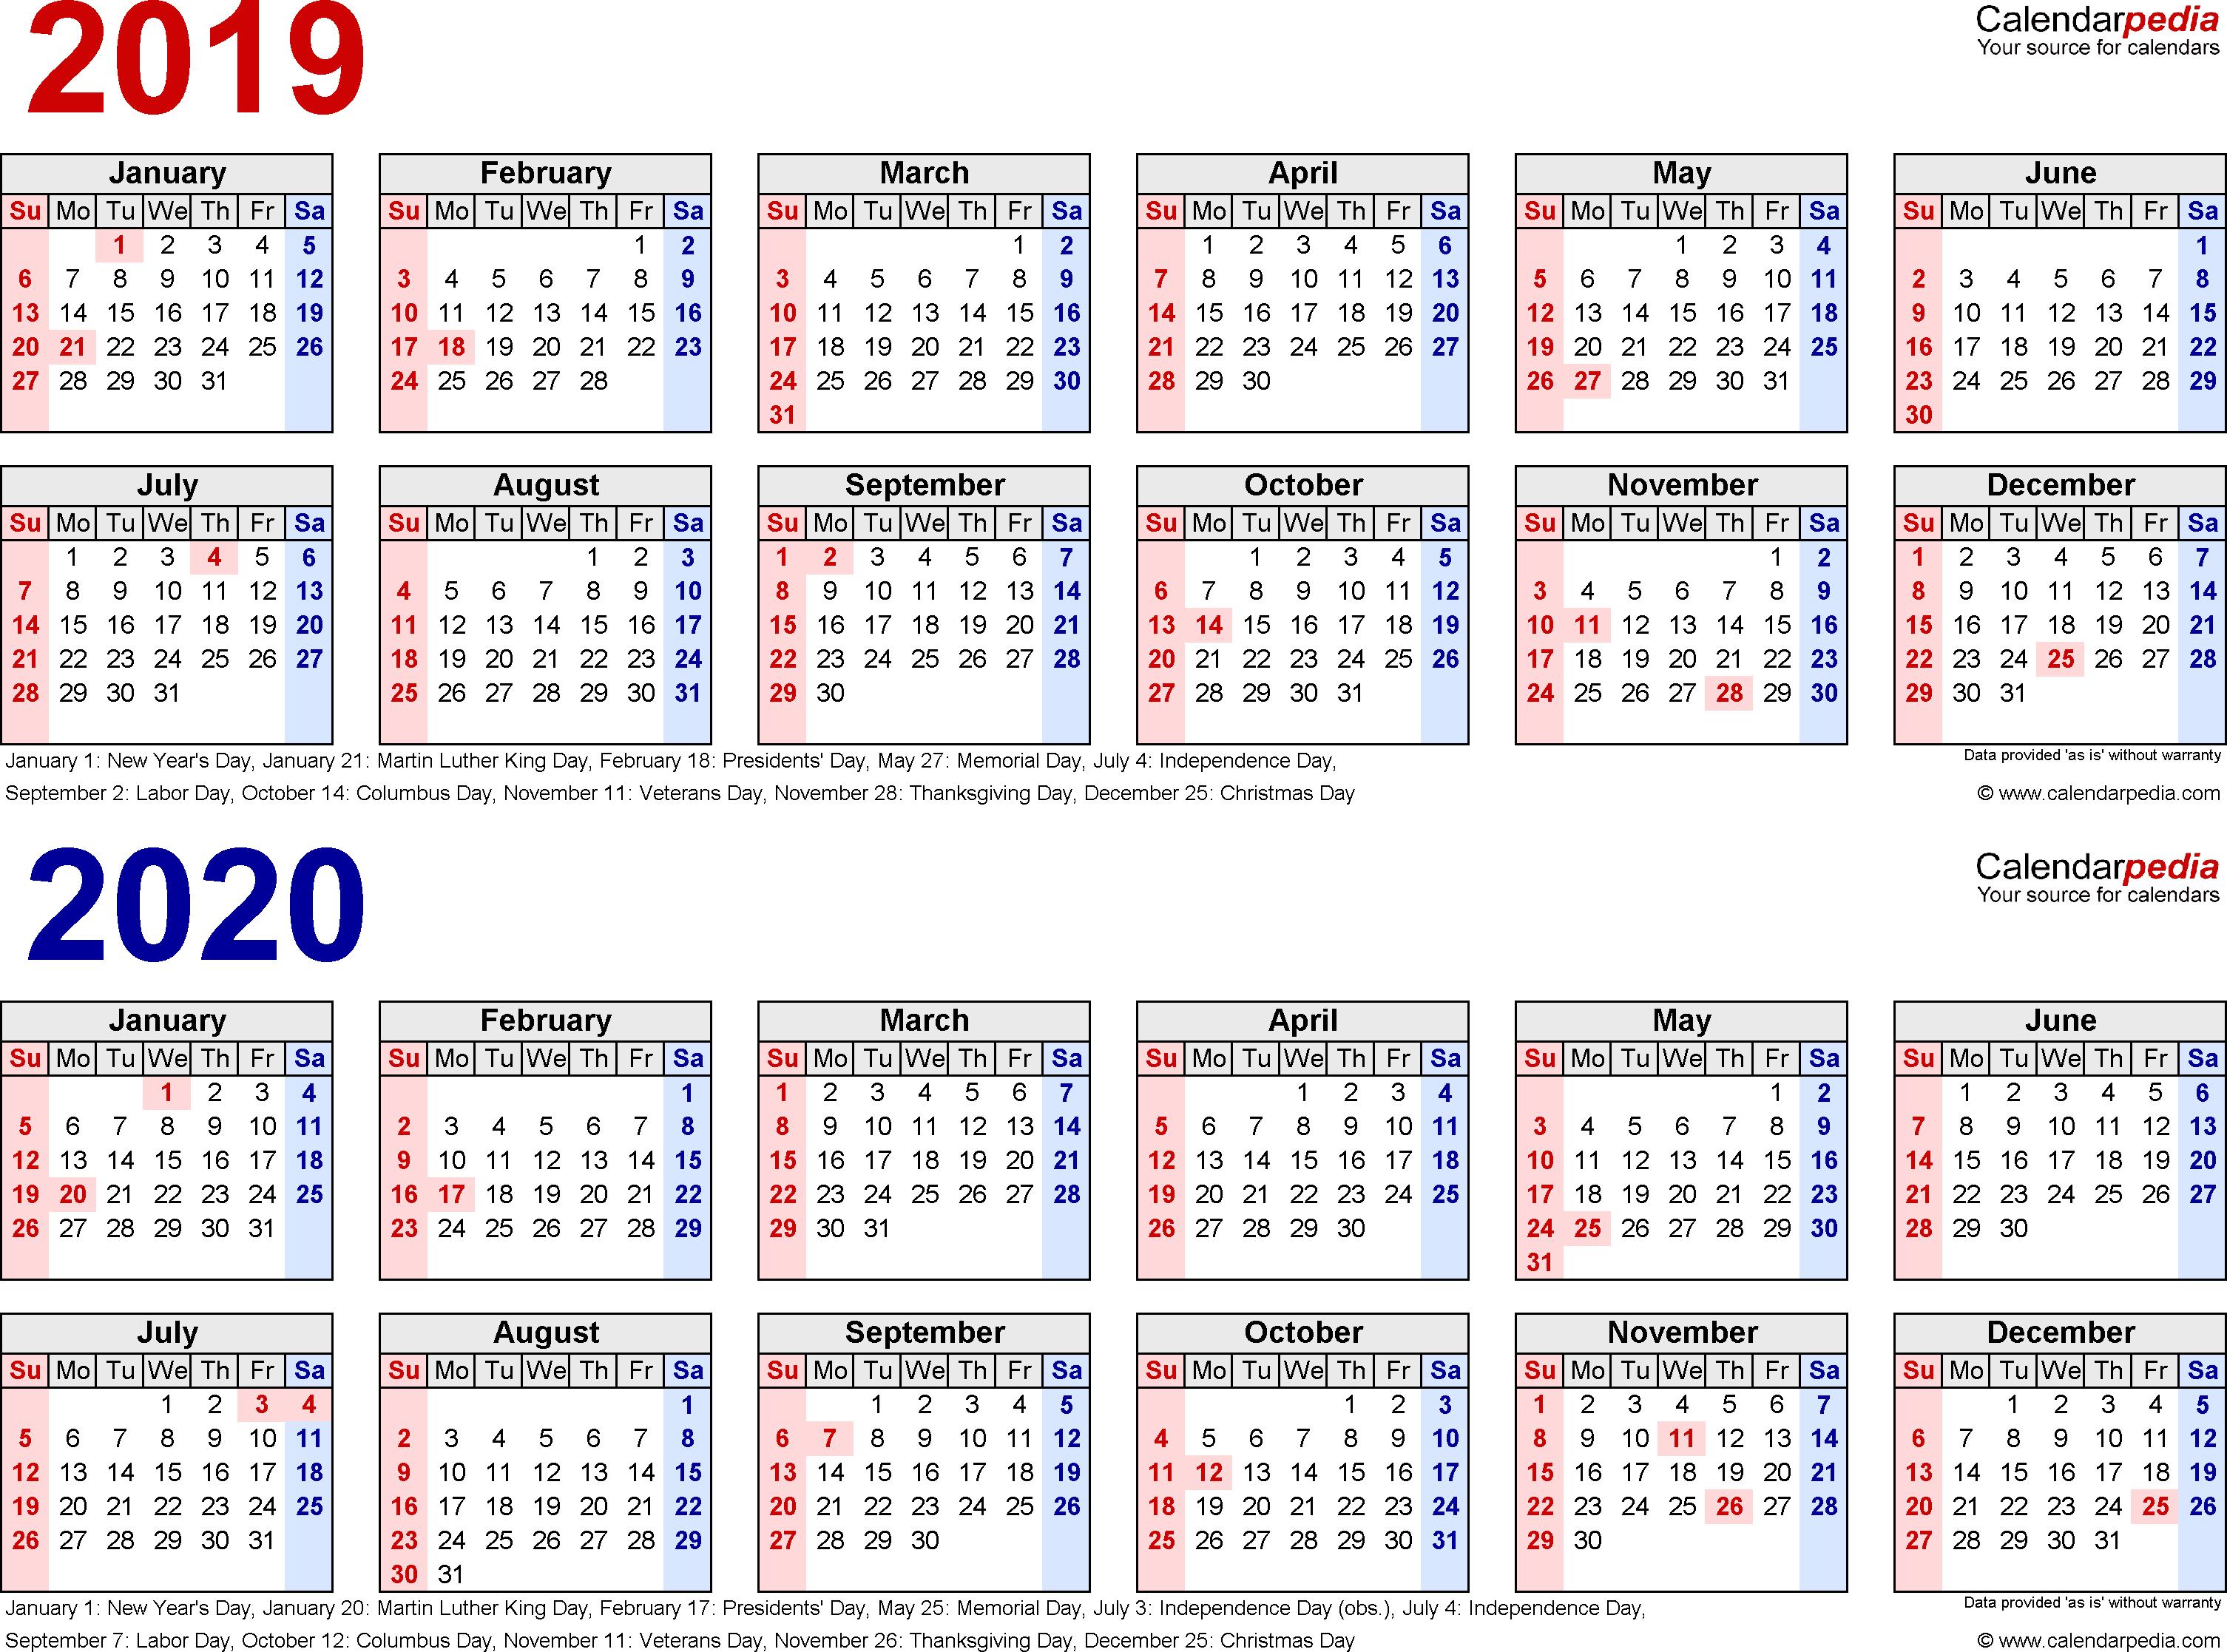 2019-2020 Calendar - Free Printable Two-Year Pdf Calendars regarding Printable Calendar June 2019 To June 2020